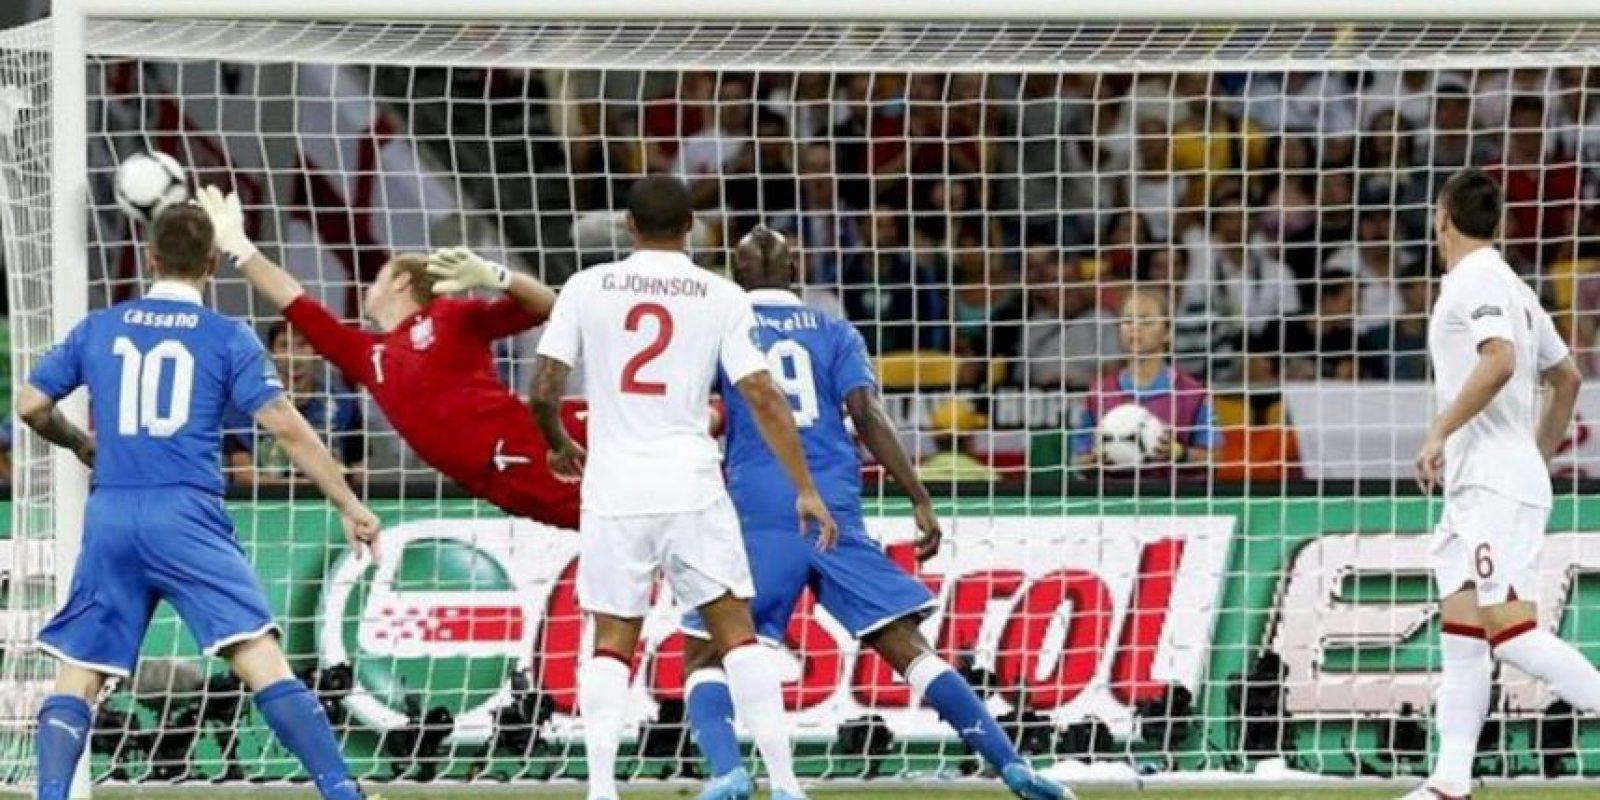 El portero inglés Joe Hart (2i) intenta detener el balón, durante el partido de cuartos de final de la Eurocopa 2012 disptuado frente a Italia, en Kiev, Ucrania. EFE